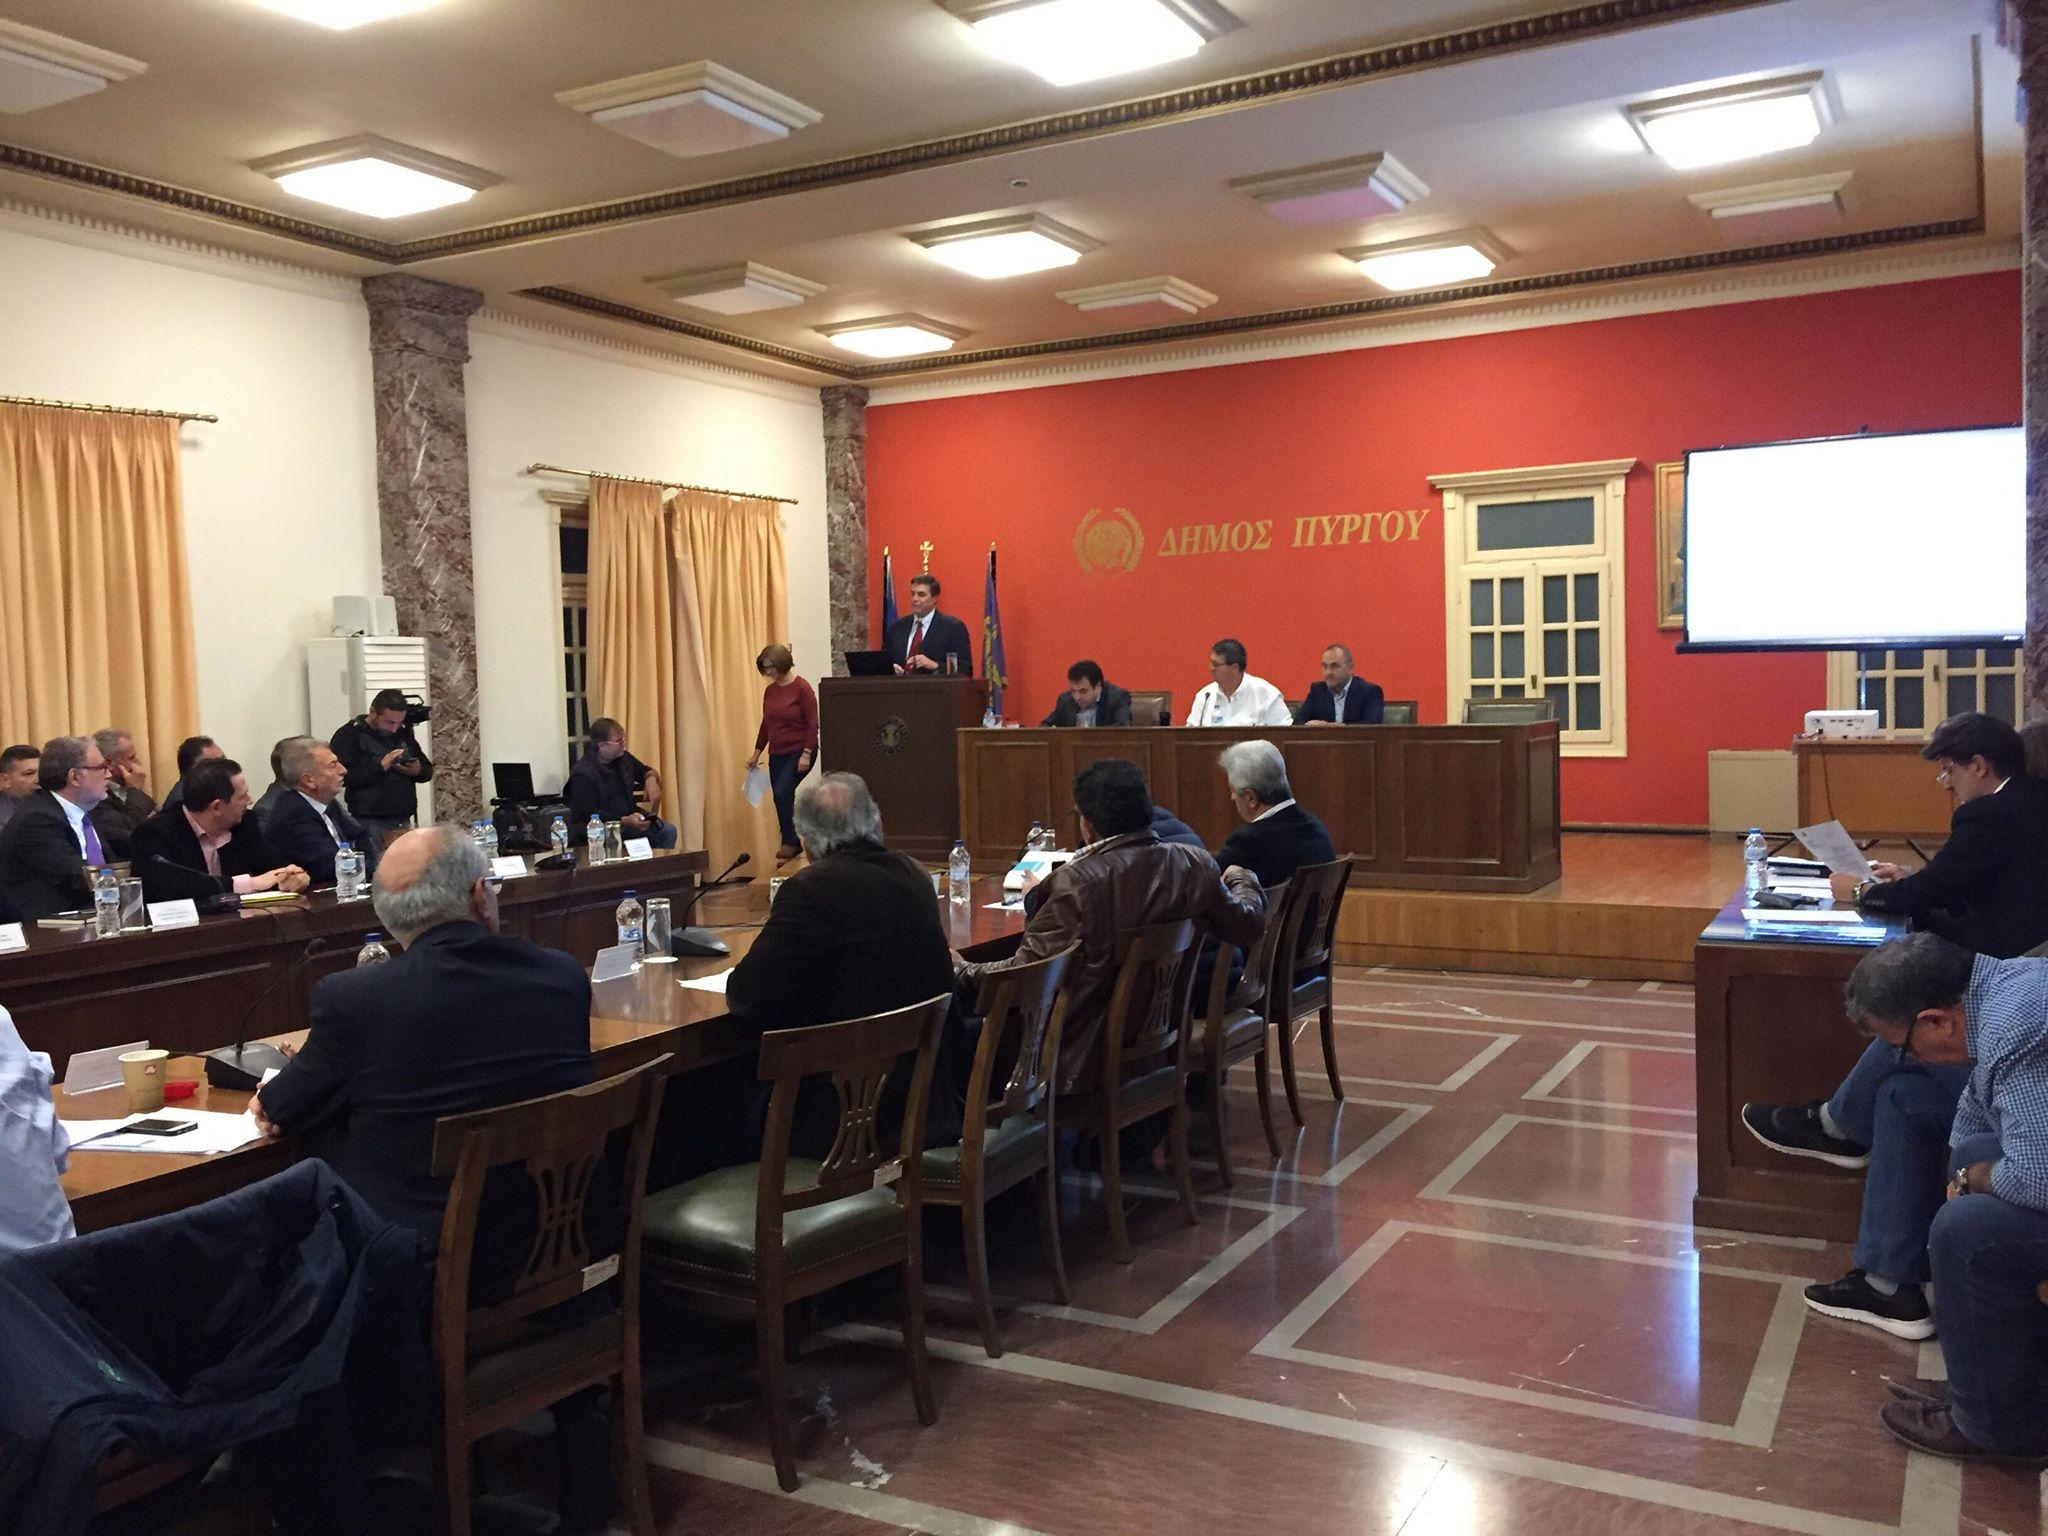 Δήμος Πύργου: Εκπρόσωποι της «Energean» ενημερώνουν το Δημοτικό Συμβούλιο για τους υδρογονάνθρακες στο Κατάκολο (photos)-(ΔΕΙΤΕ ΖΩΝΤΑΝΑ- LIVE)